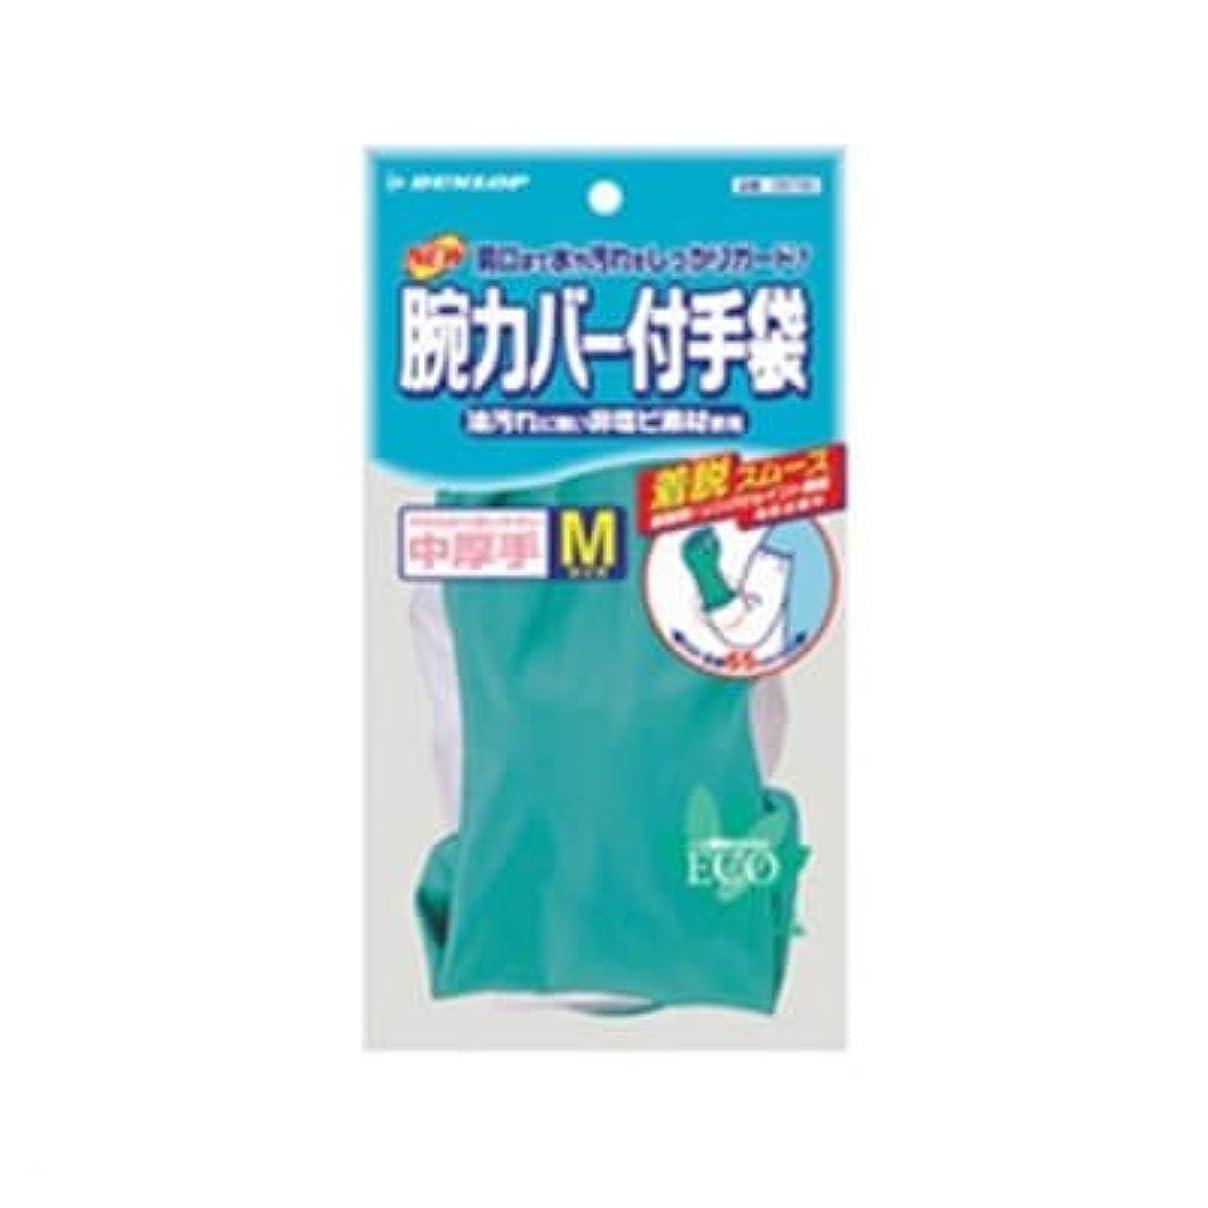 犬瞳孤独な【ケース販売】 ダンロップ ニトリル中厚手 腕カバー付手袋 M グリーン (5双×12袋)